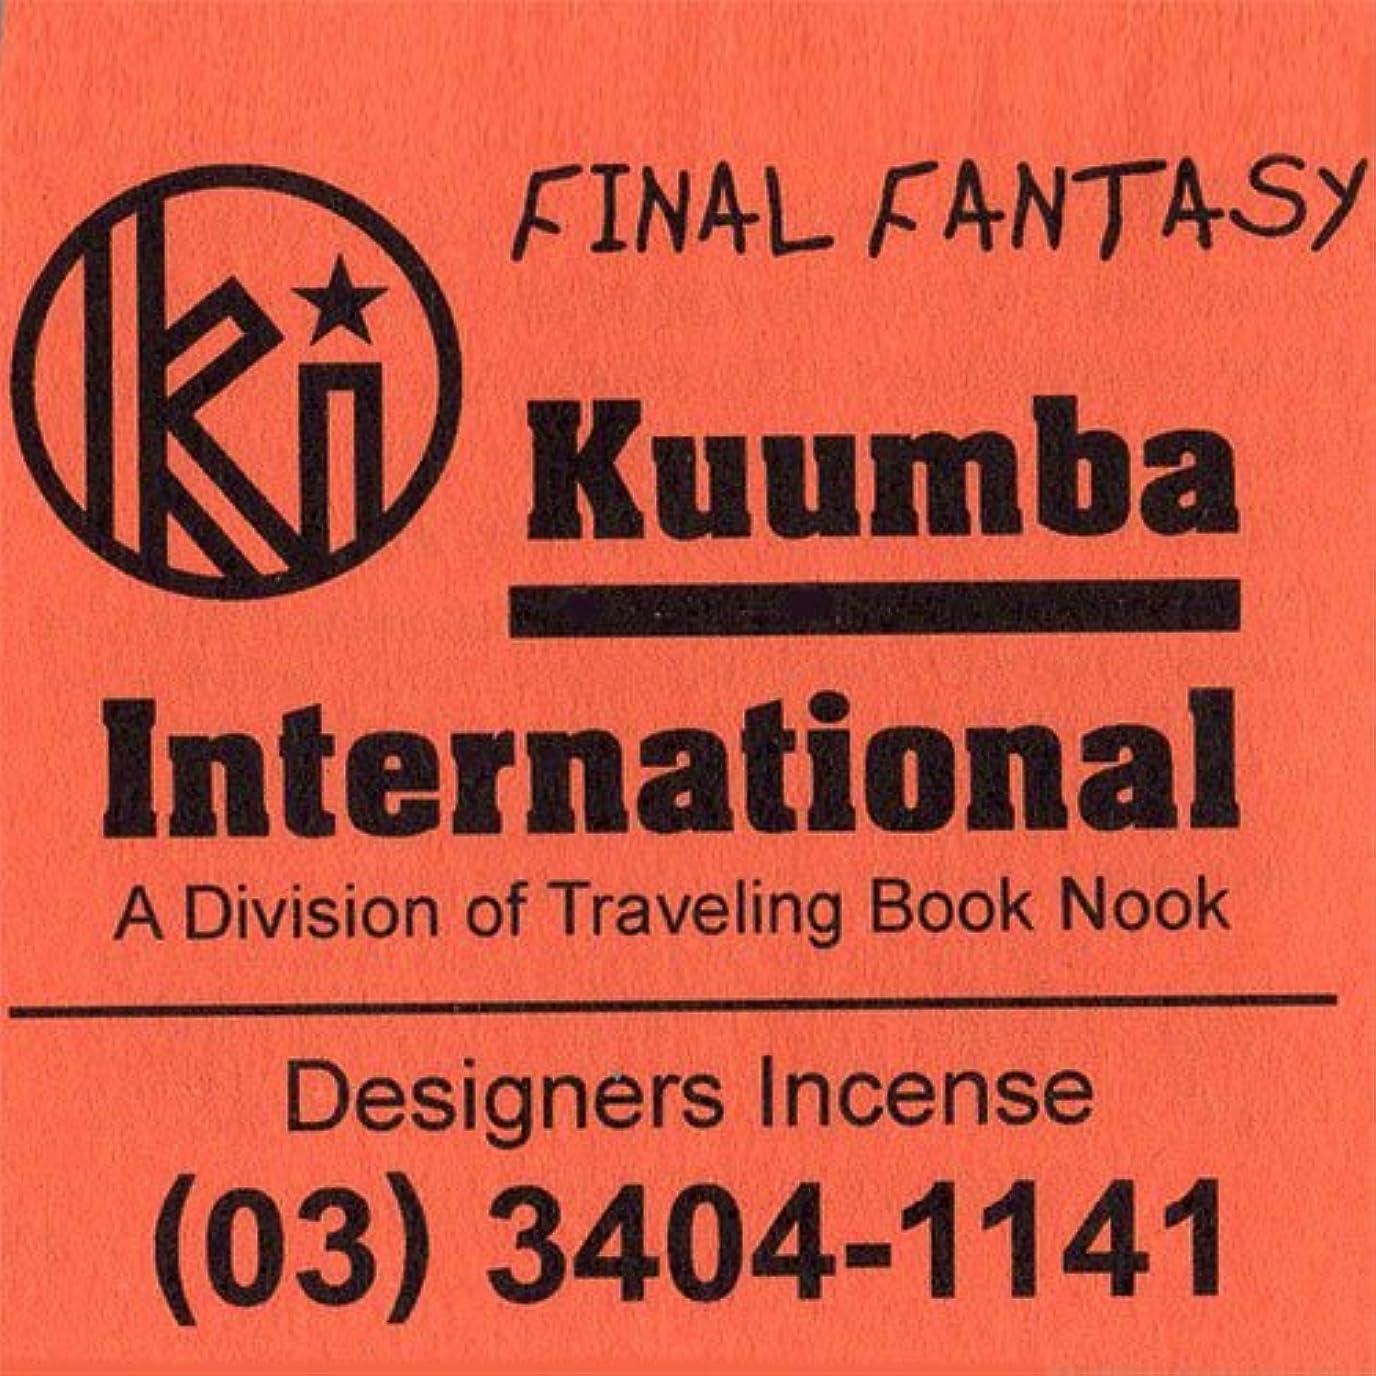 夜の動物園不平を言う近代化KUUMBA/クンバ『incense』(FINAL FANTASY) (Regular size)